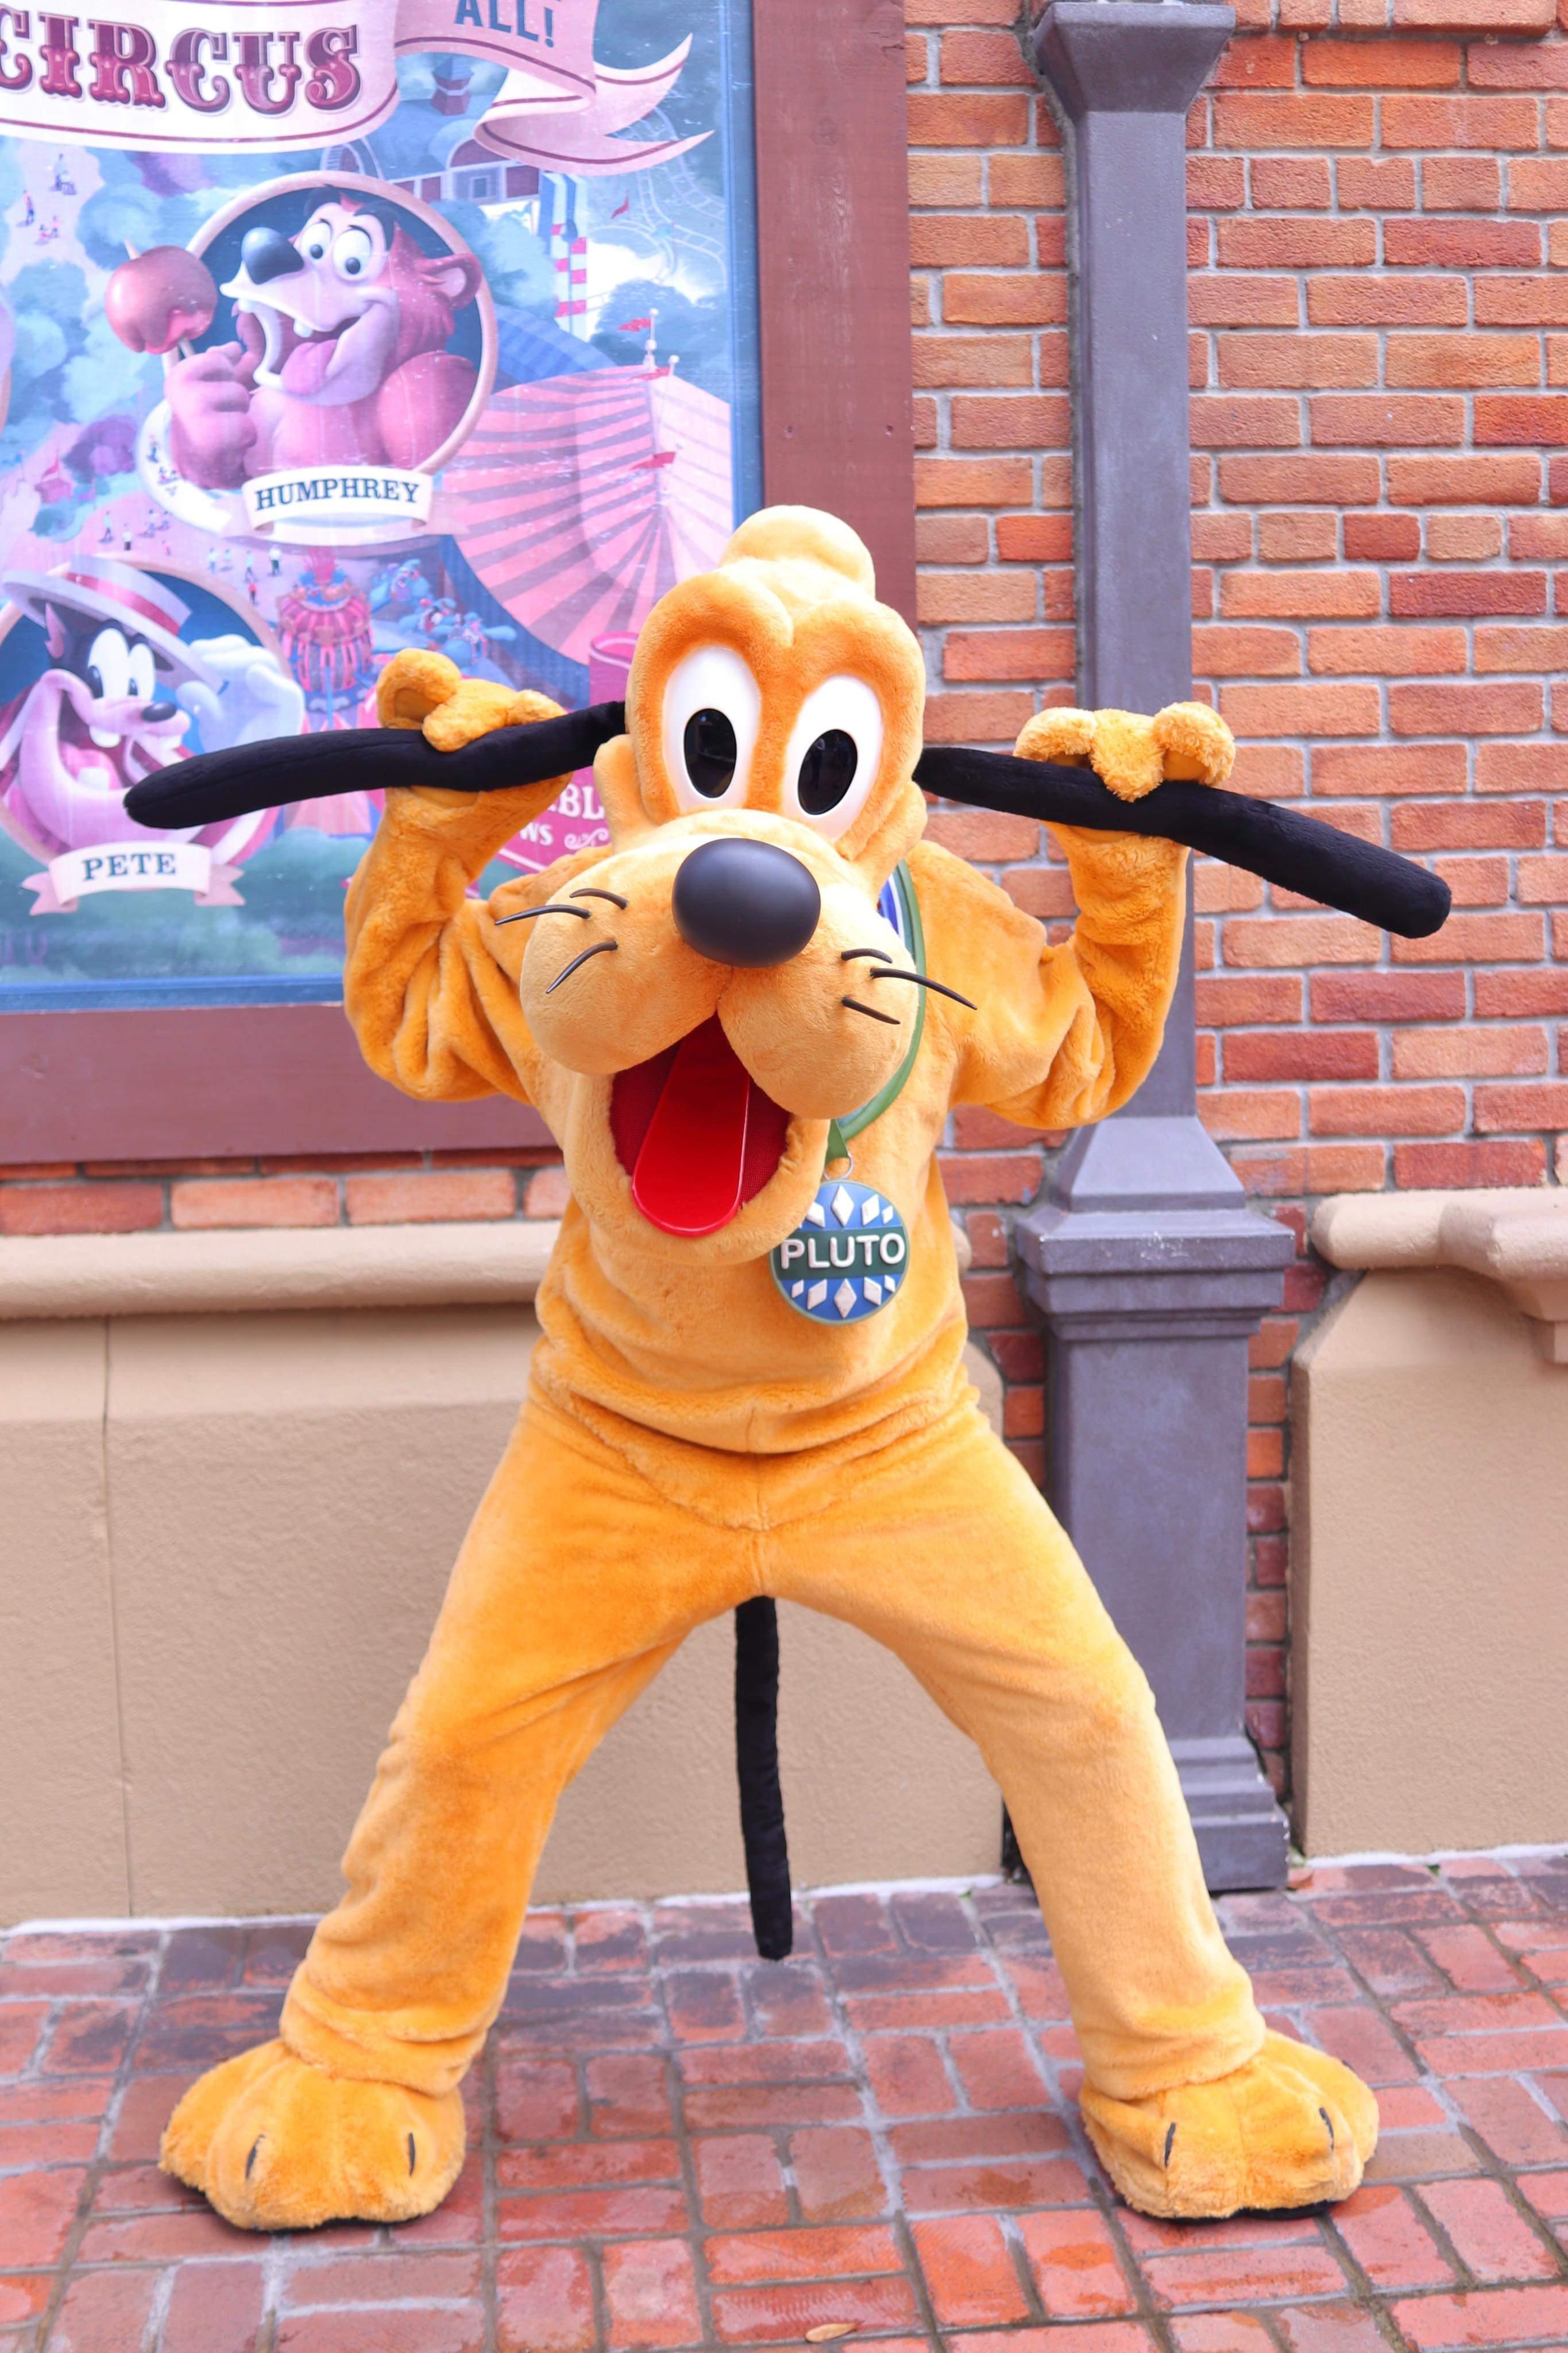 No hat Pluto